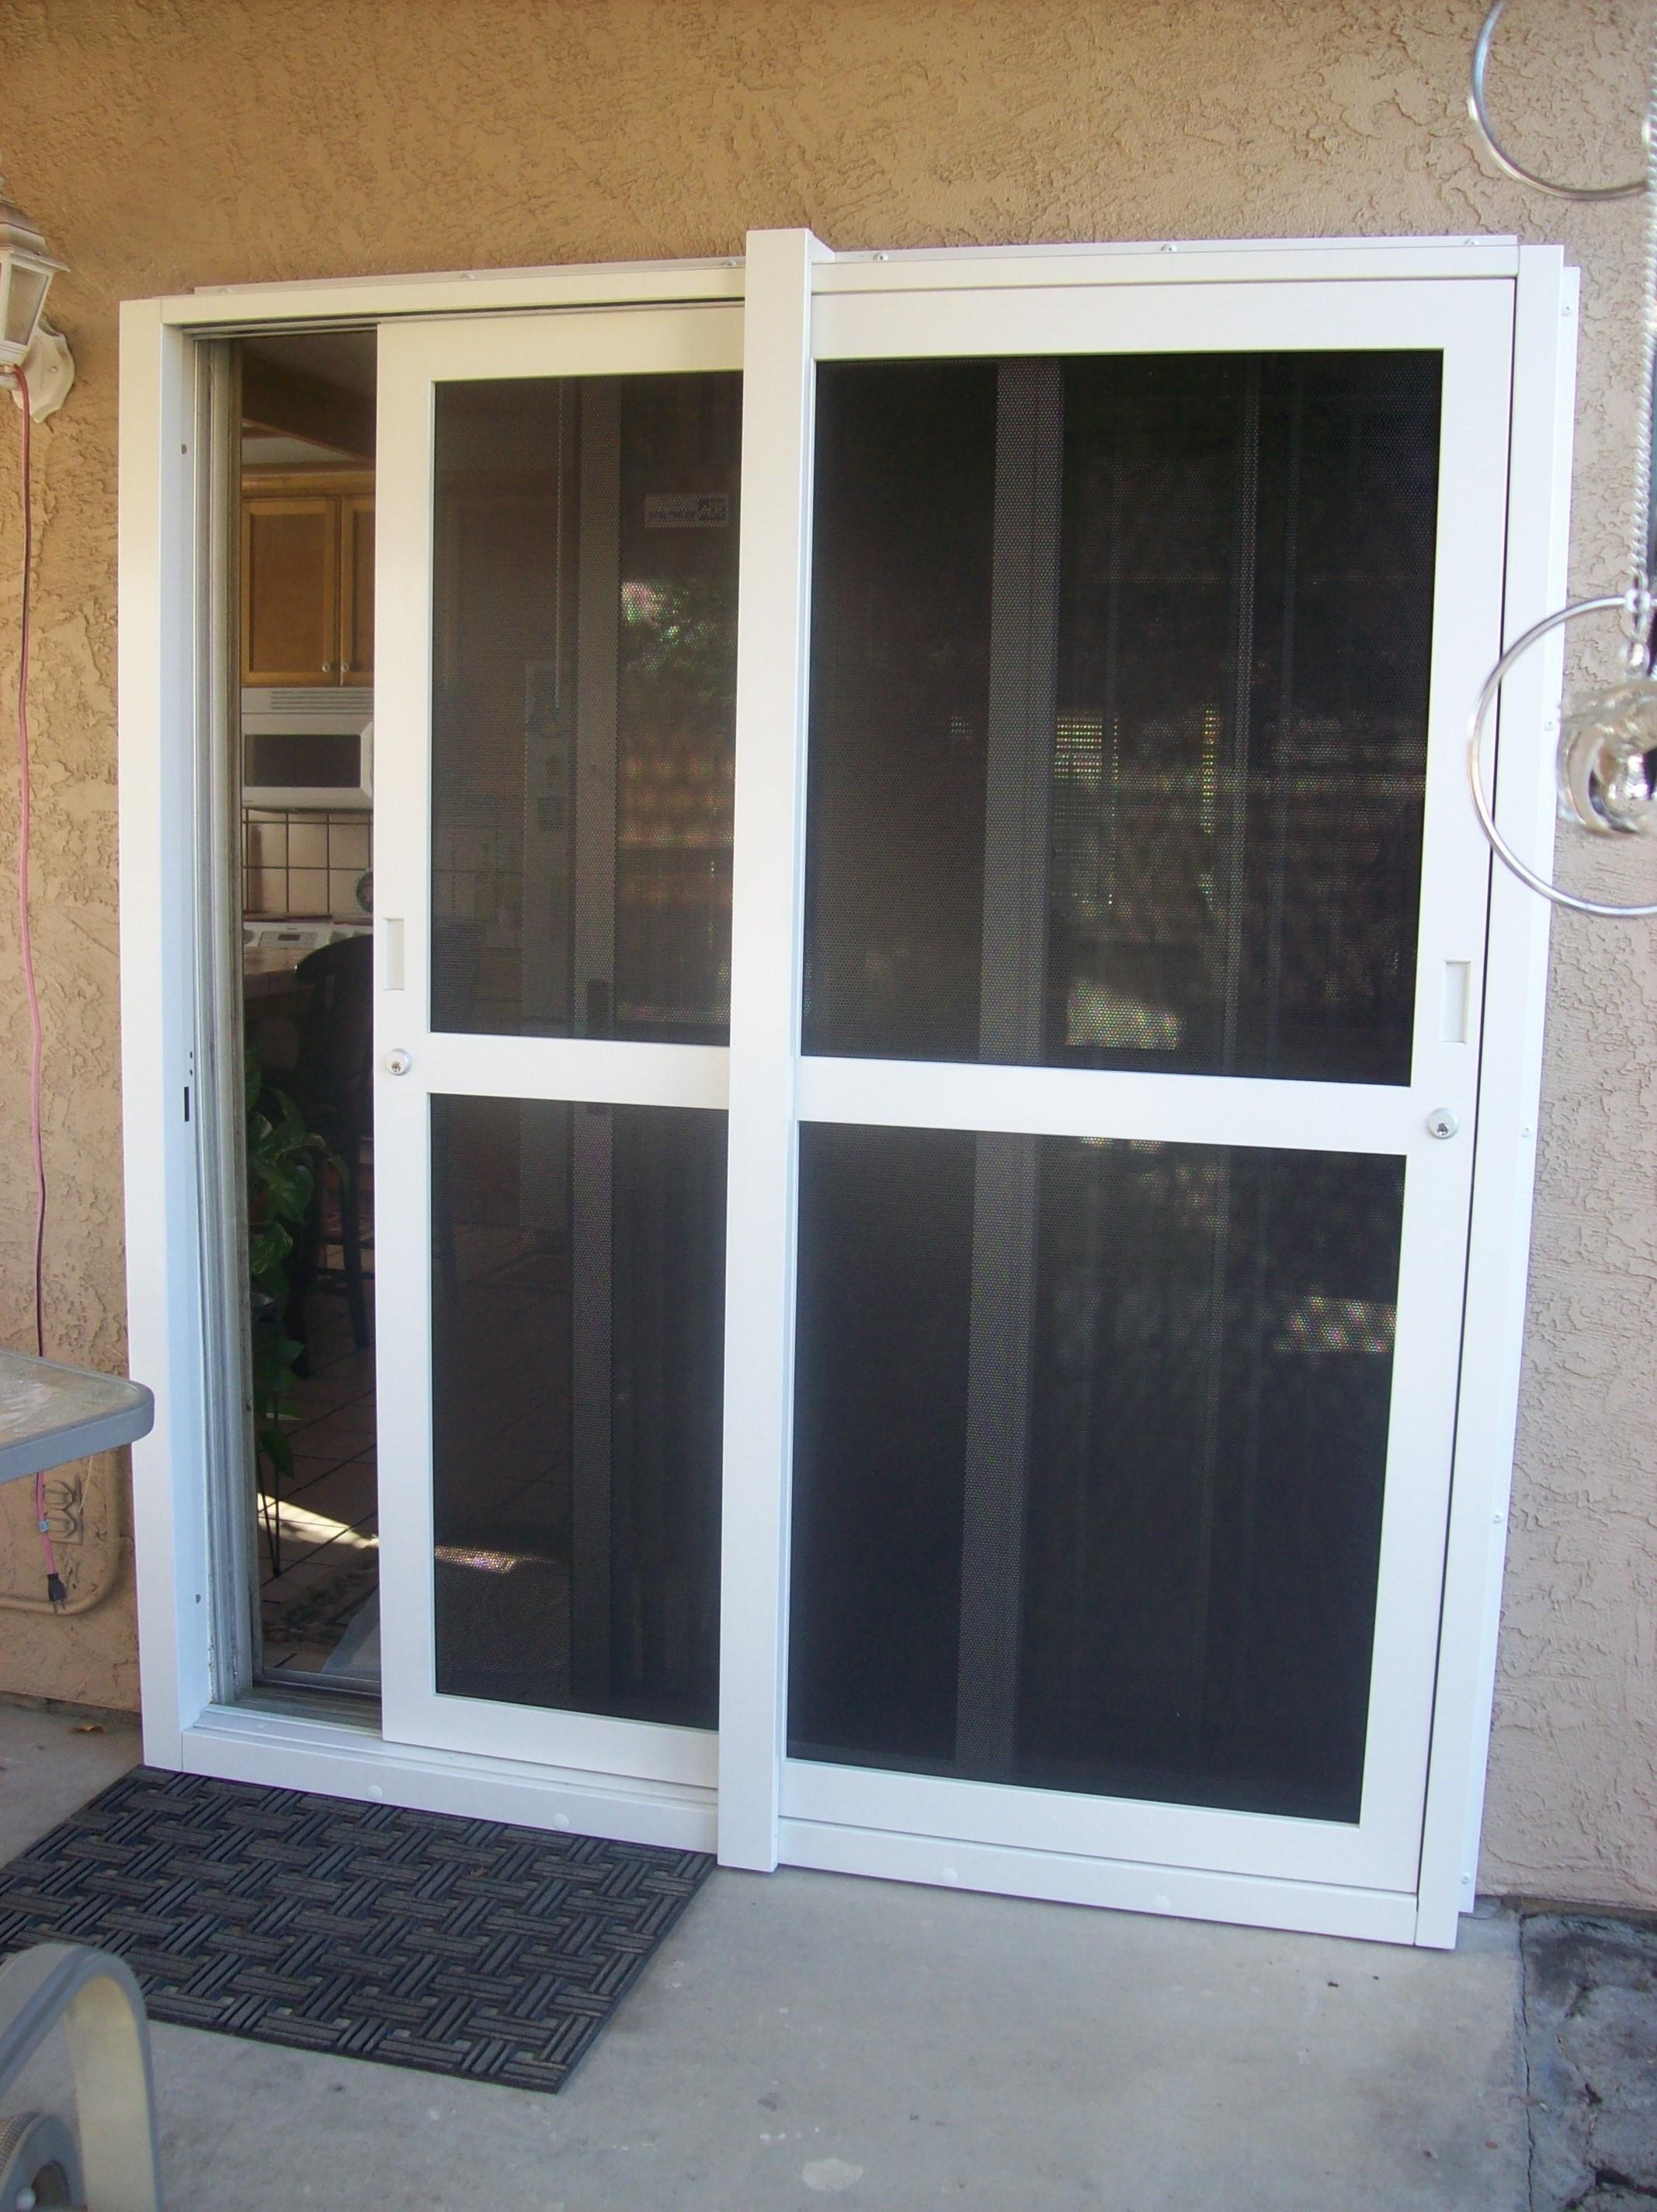 Storm Door For Sliding Glass Door2134 X 2848